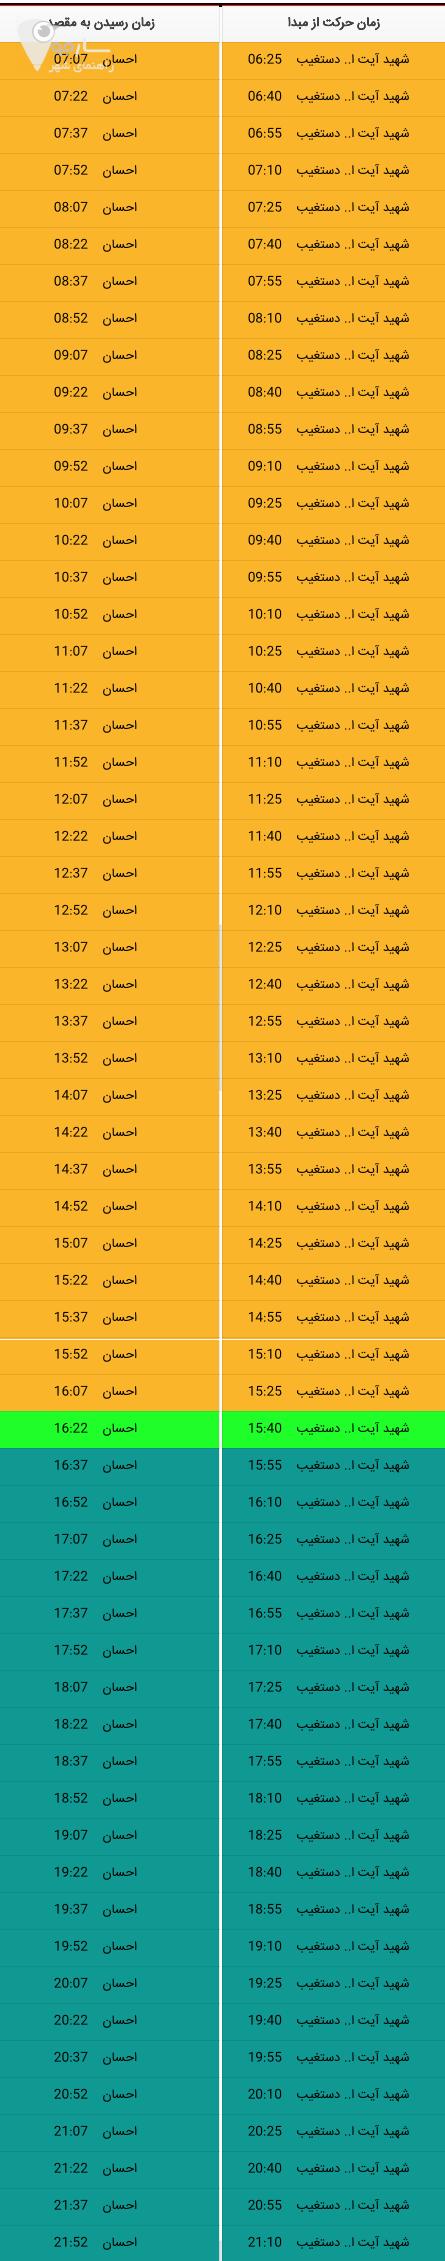 ارائه ساعت کار مترو شیراز به کاربران عزیز سایت